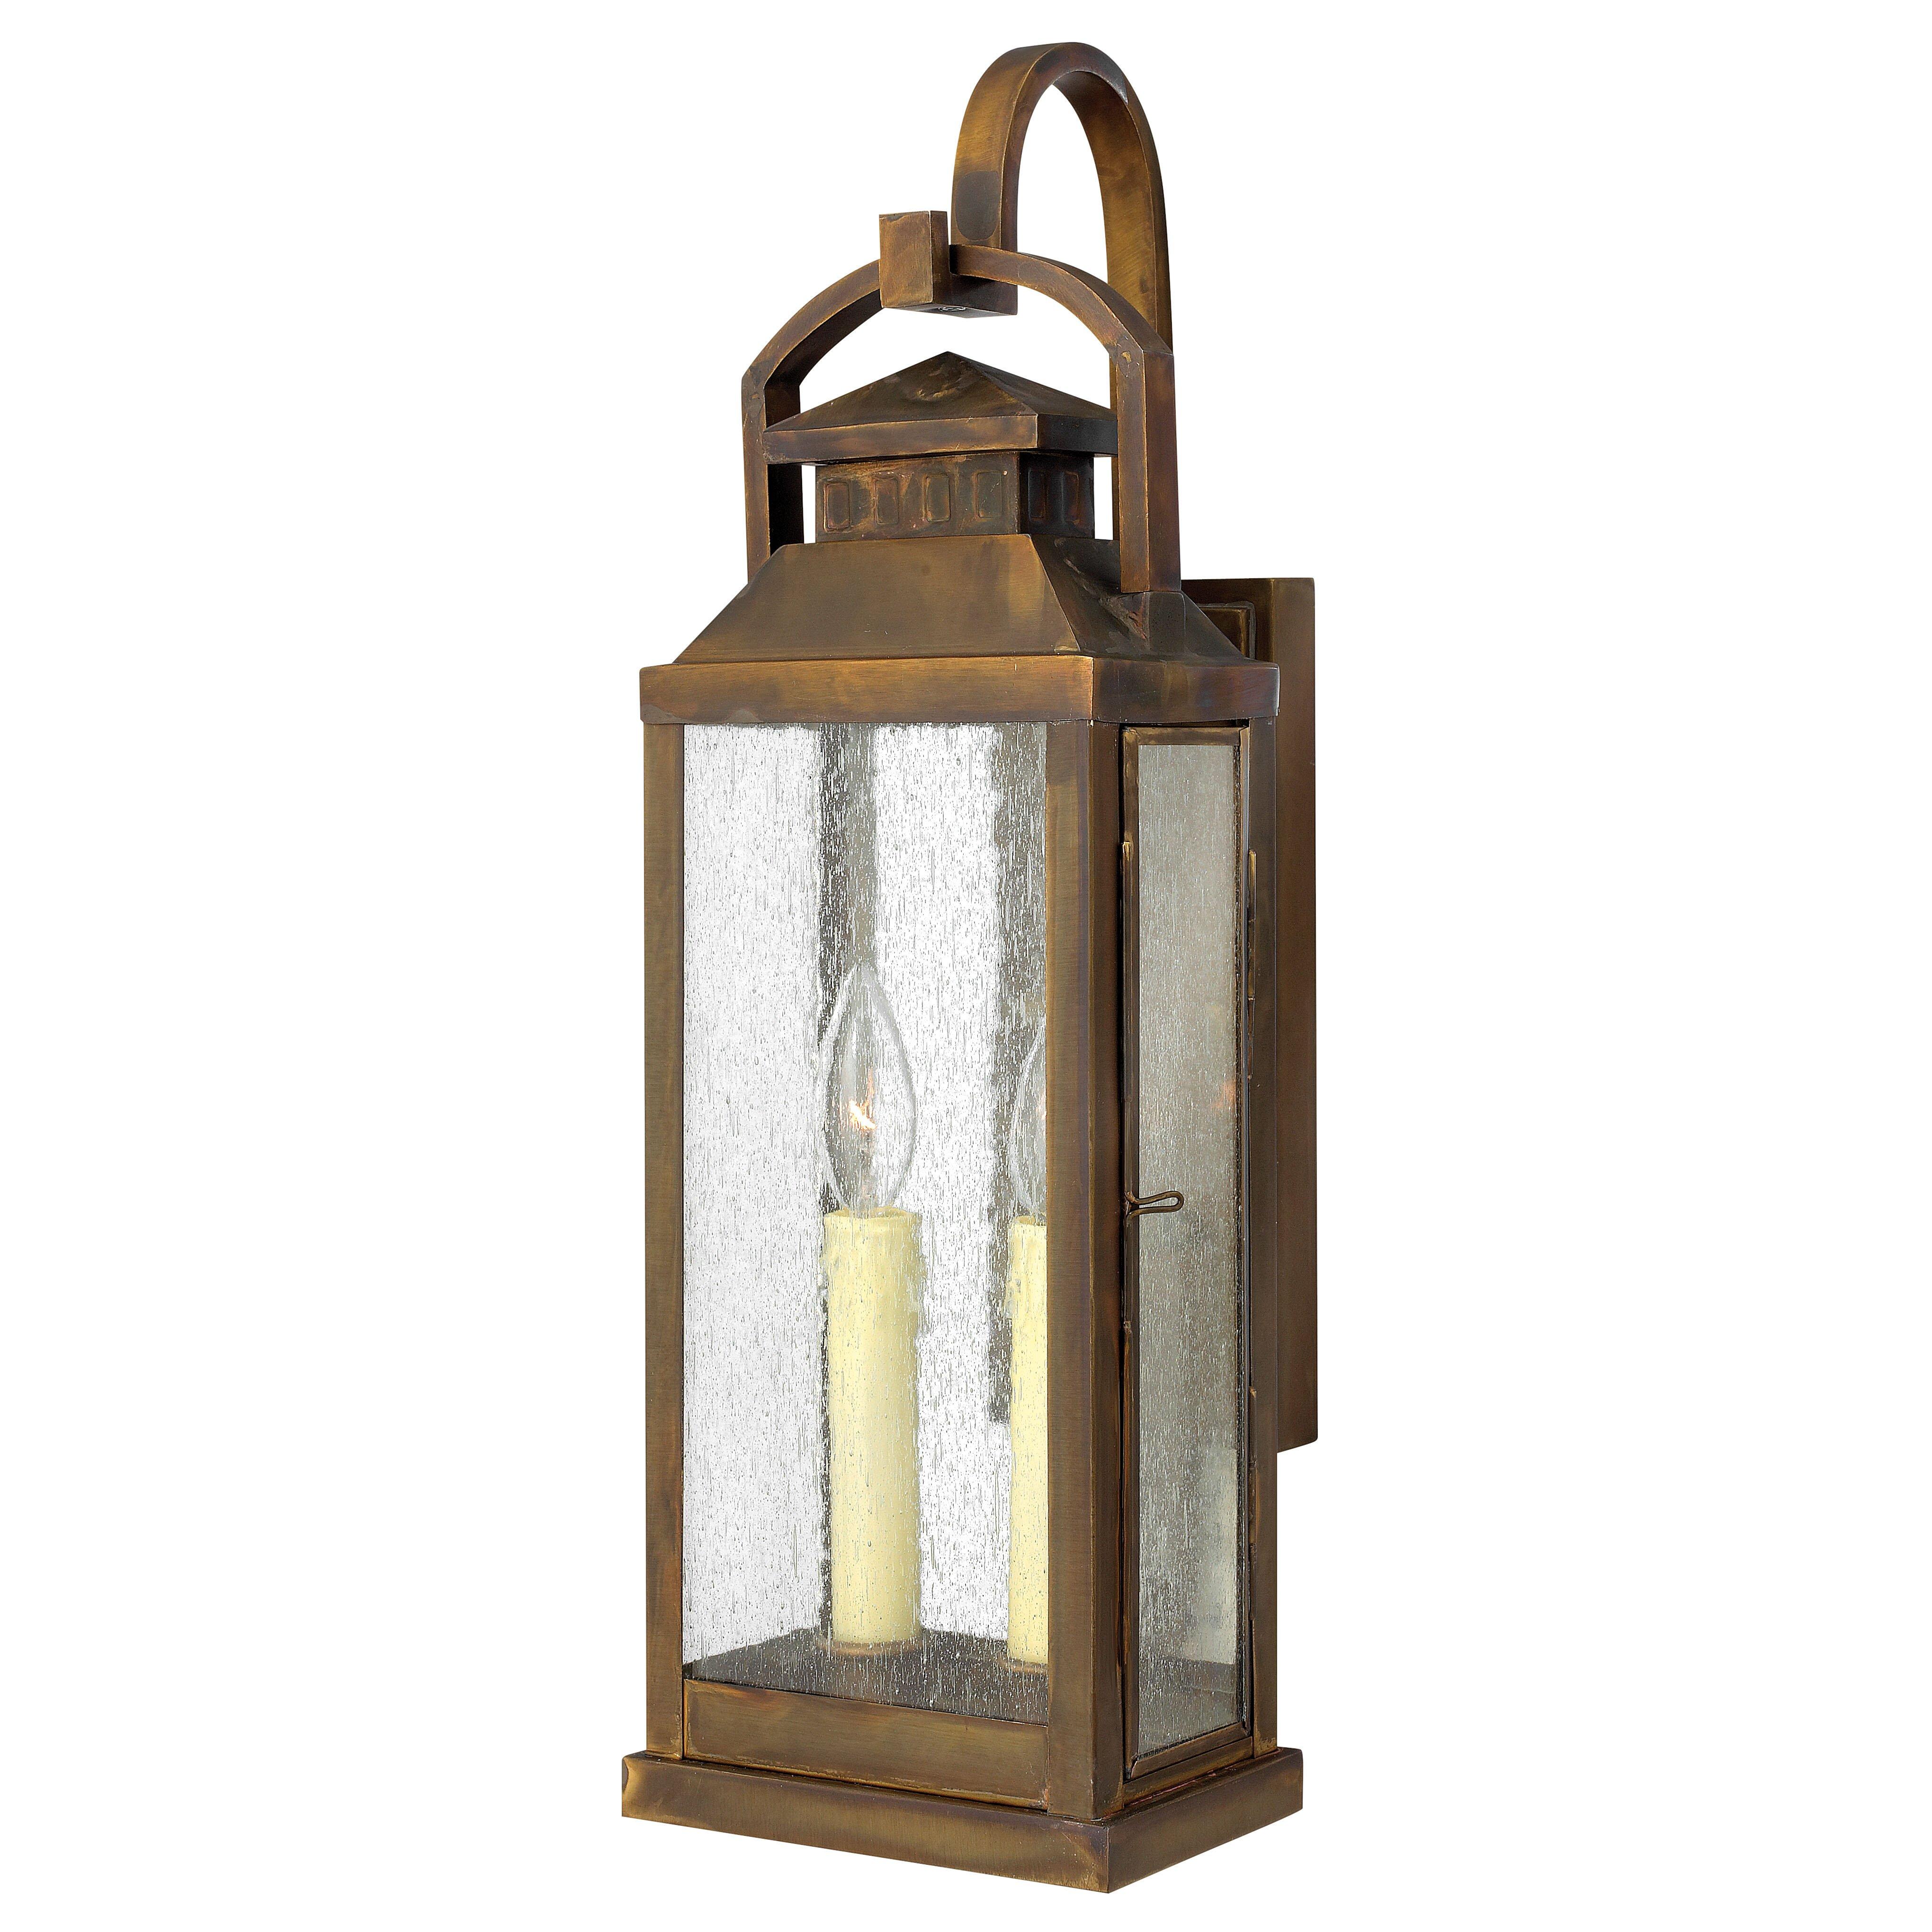 Hinkley Outdoor Wall Light: Hinkley Lighting Revere 2 Light Outdoor Wall Lantern